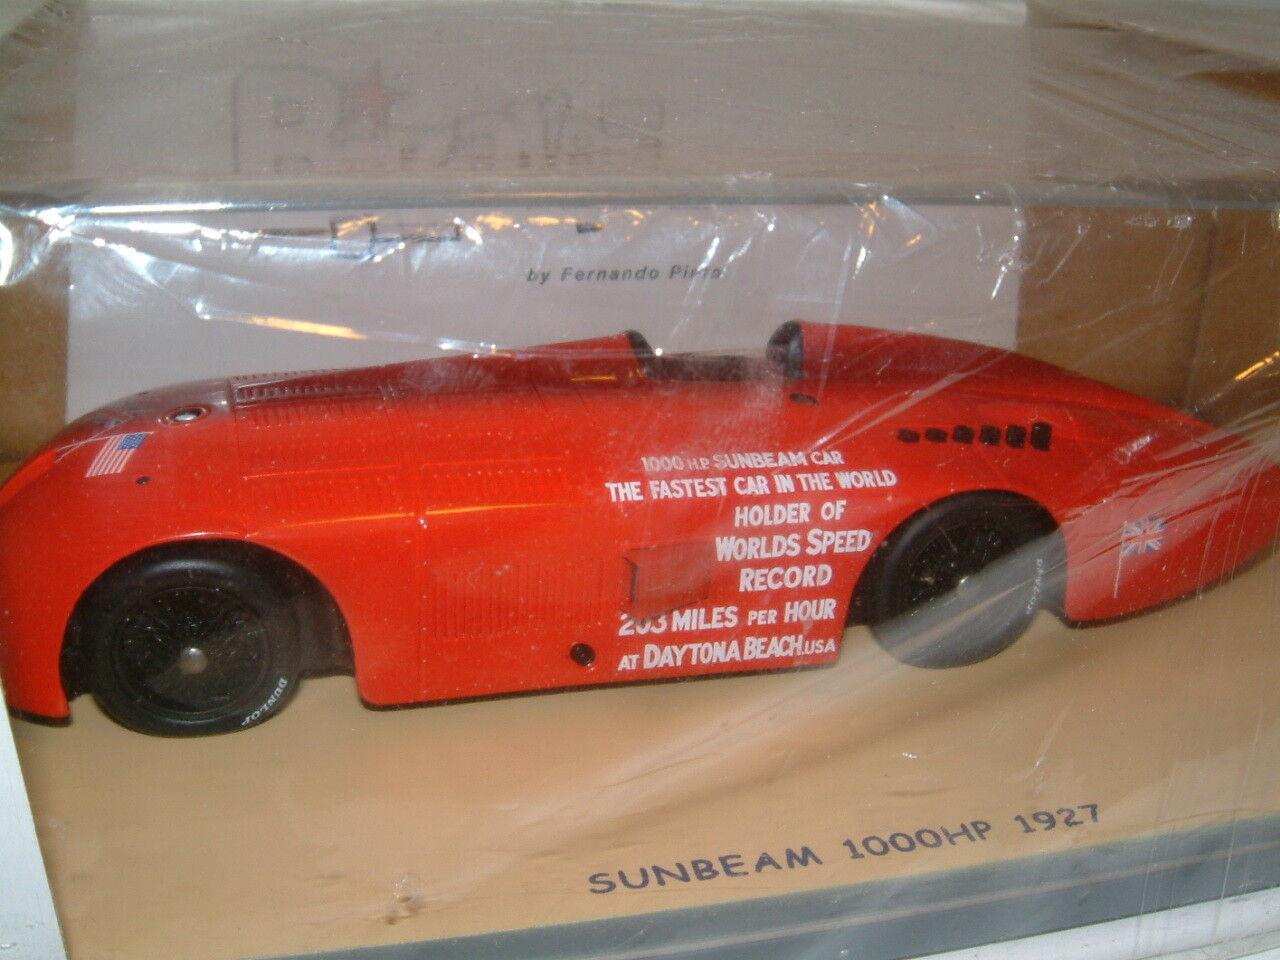 extraño 1927 Sunbeam 1000HP coche registro de velocidad de tierra